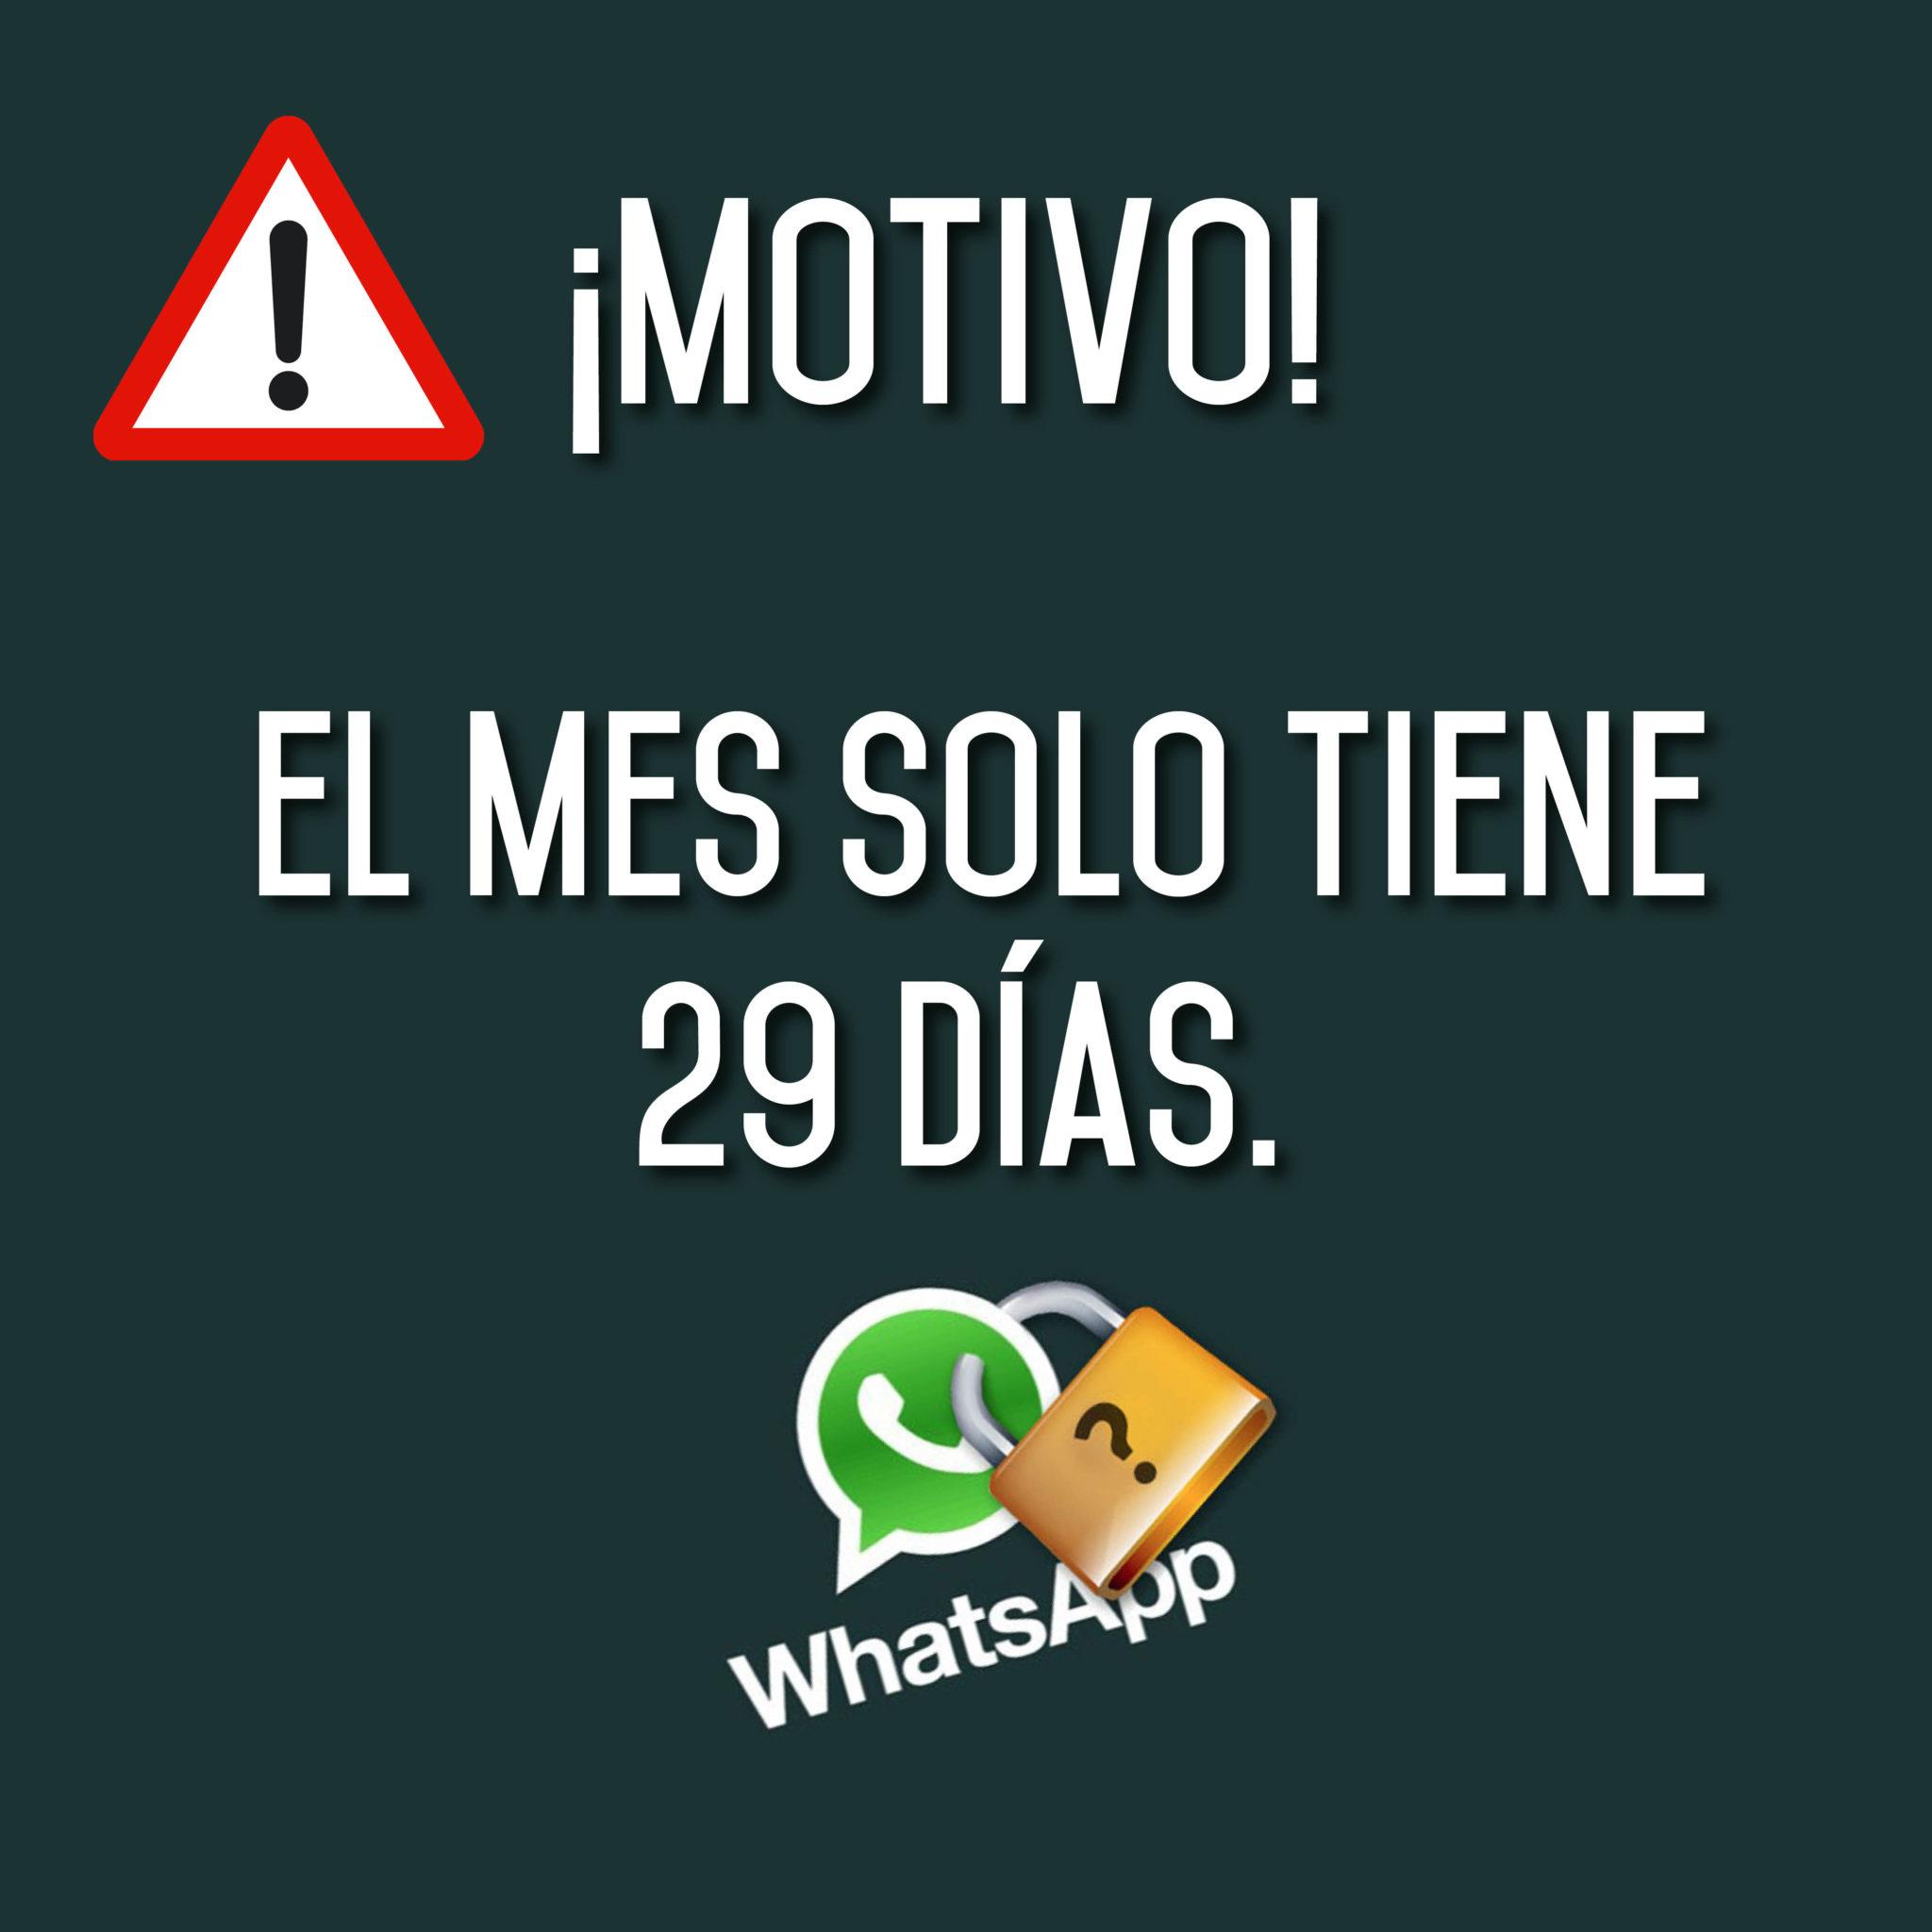 WhatsApp NO funcionará dos días del mes de FEBRERO